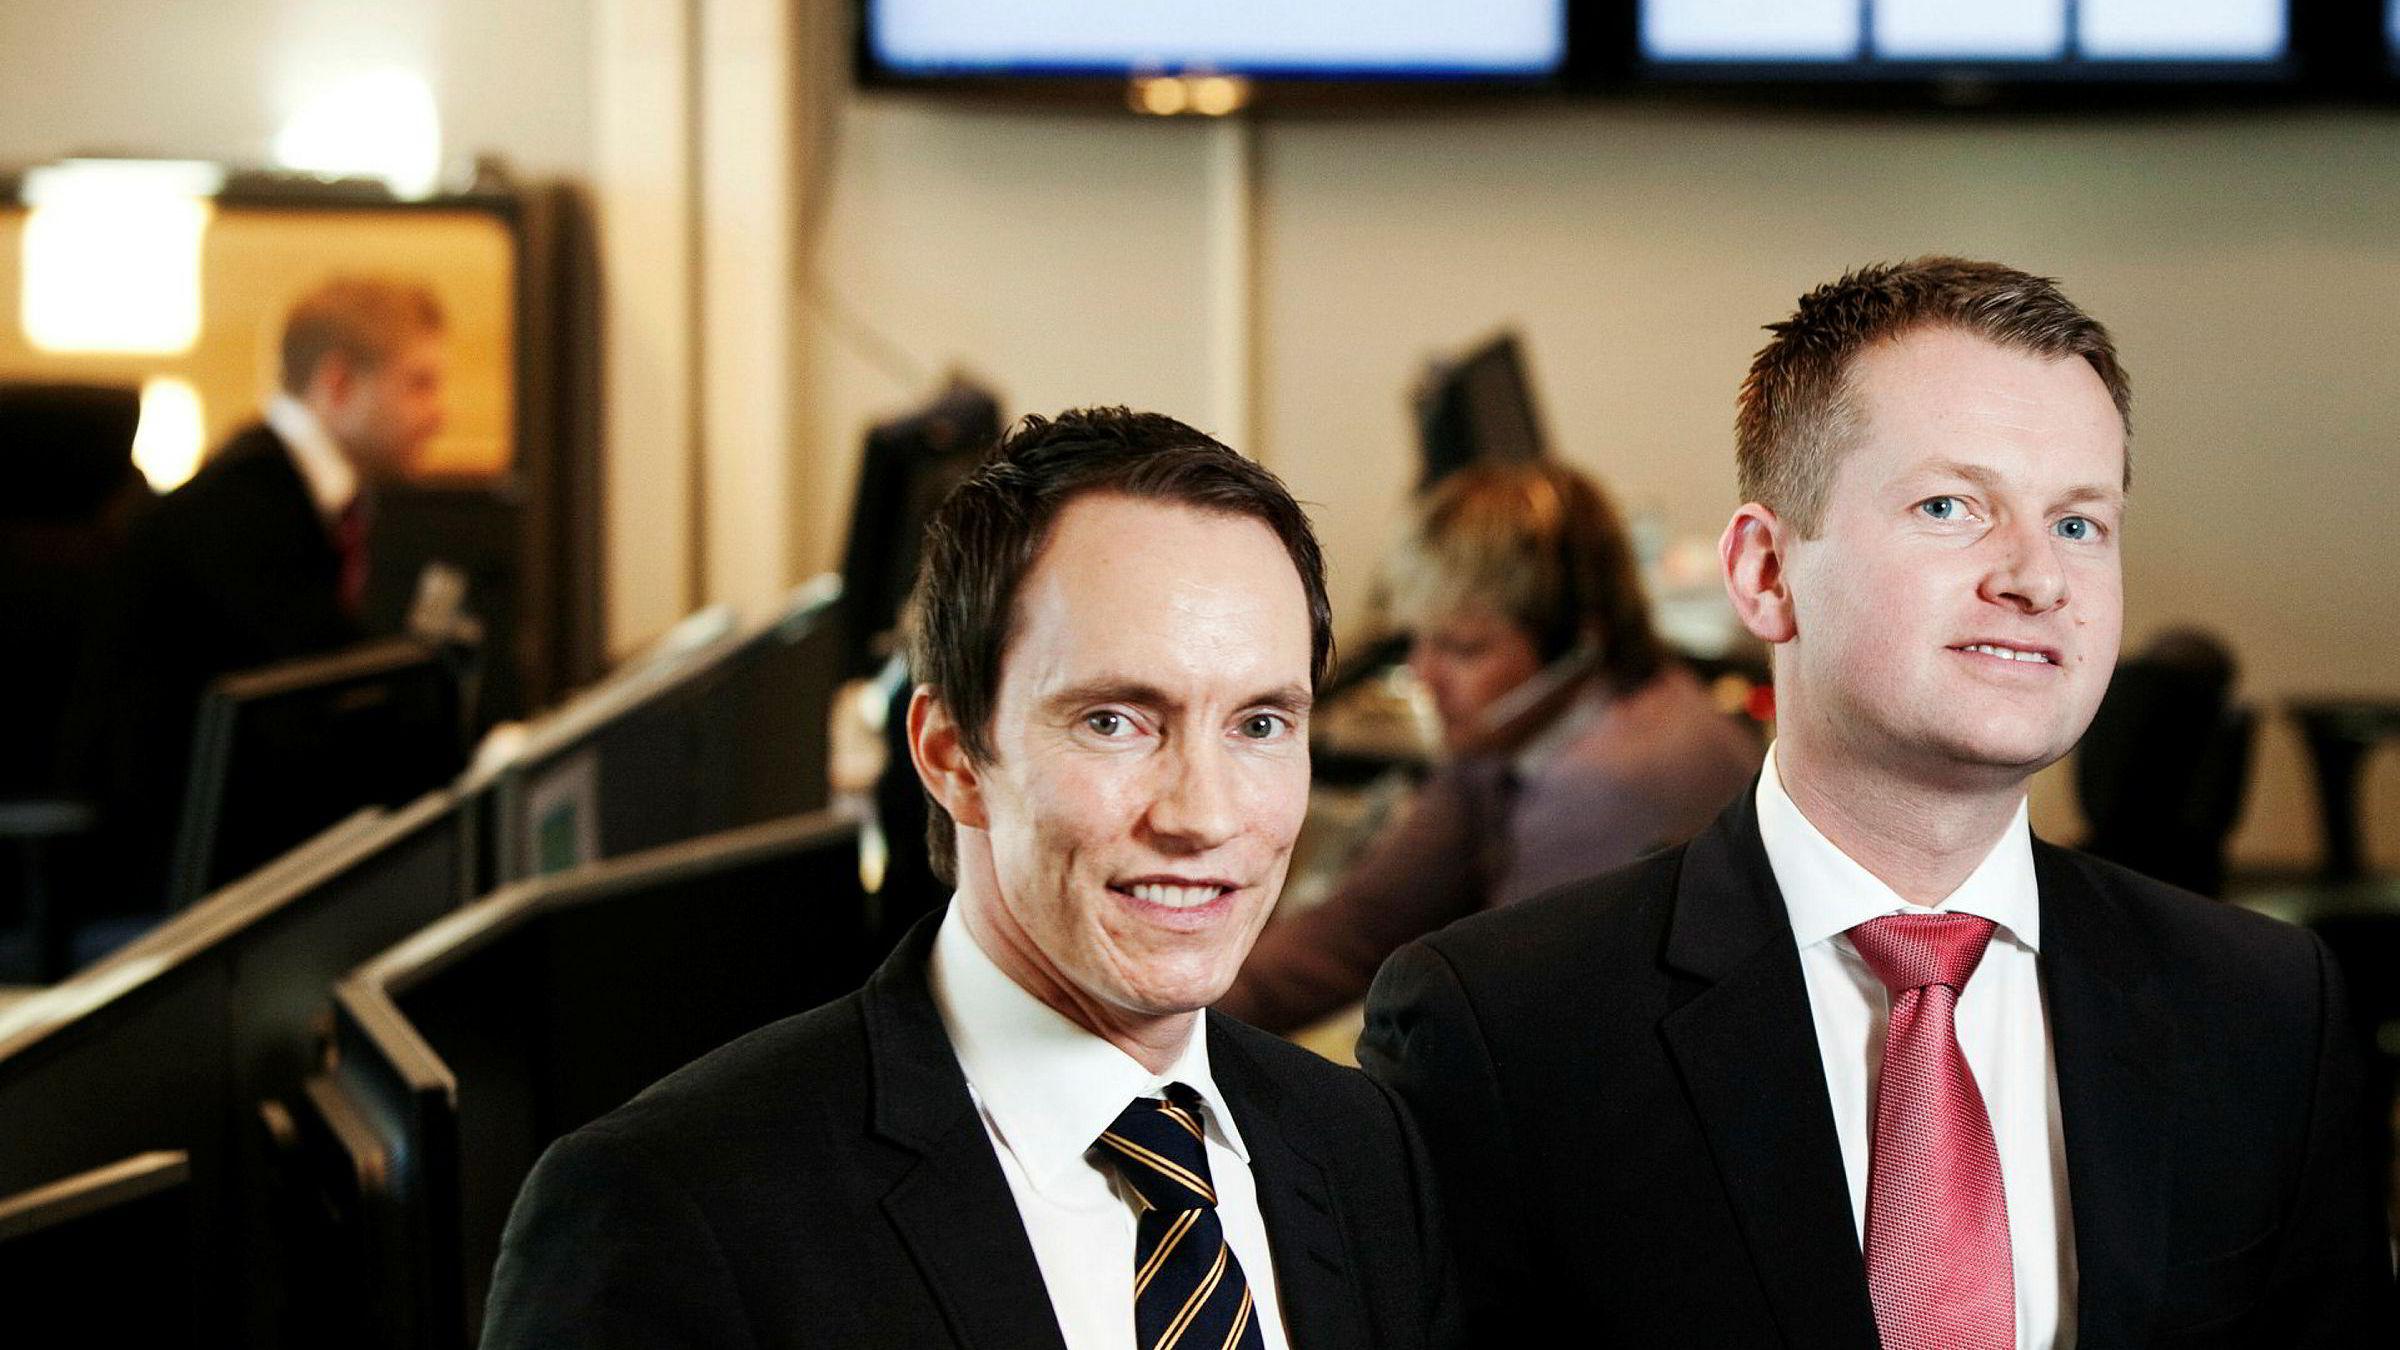 Gründerne Erik Egenæs (til venstre) og Endre Tangenes i Nordic Securities får hard medfart i anmeldelsen fra Finanstilsynet.